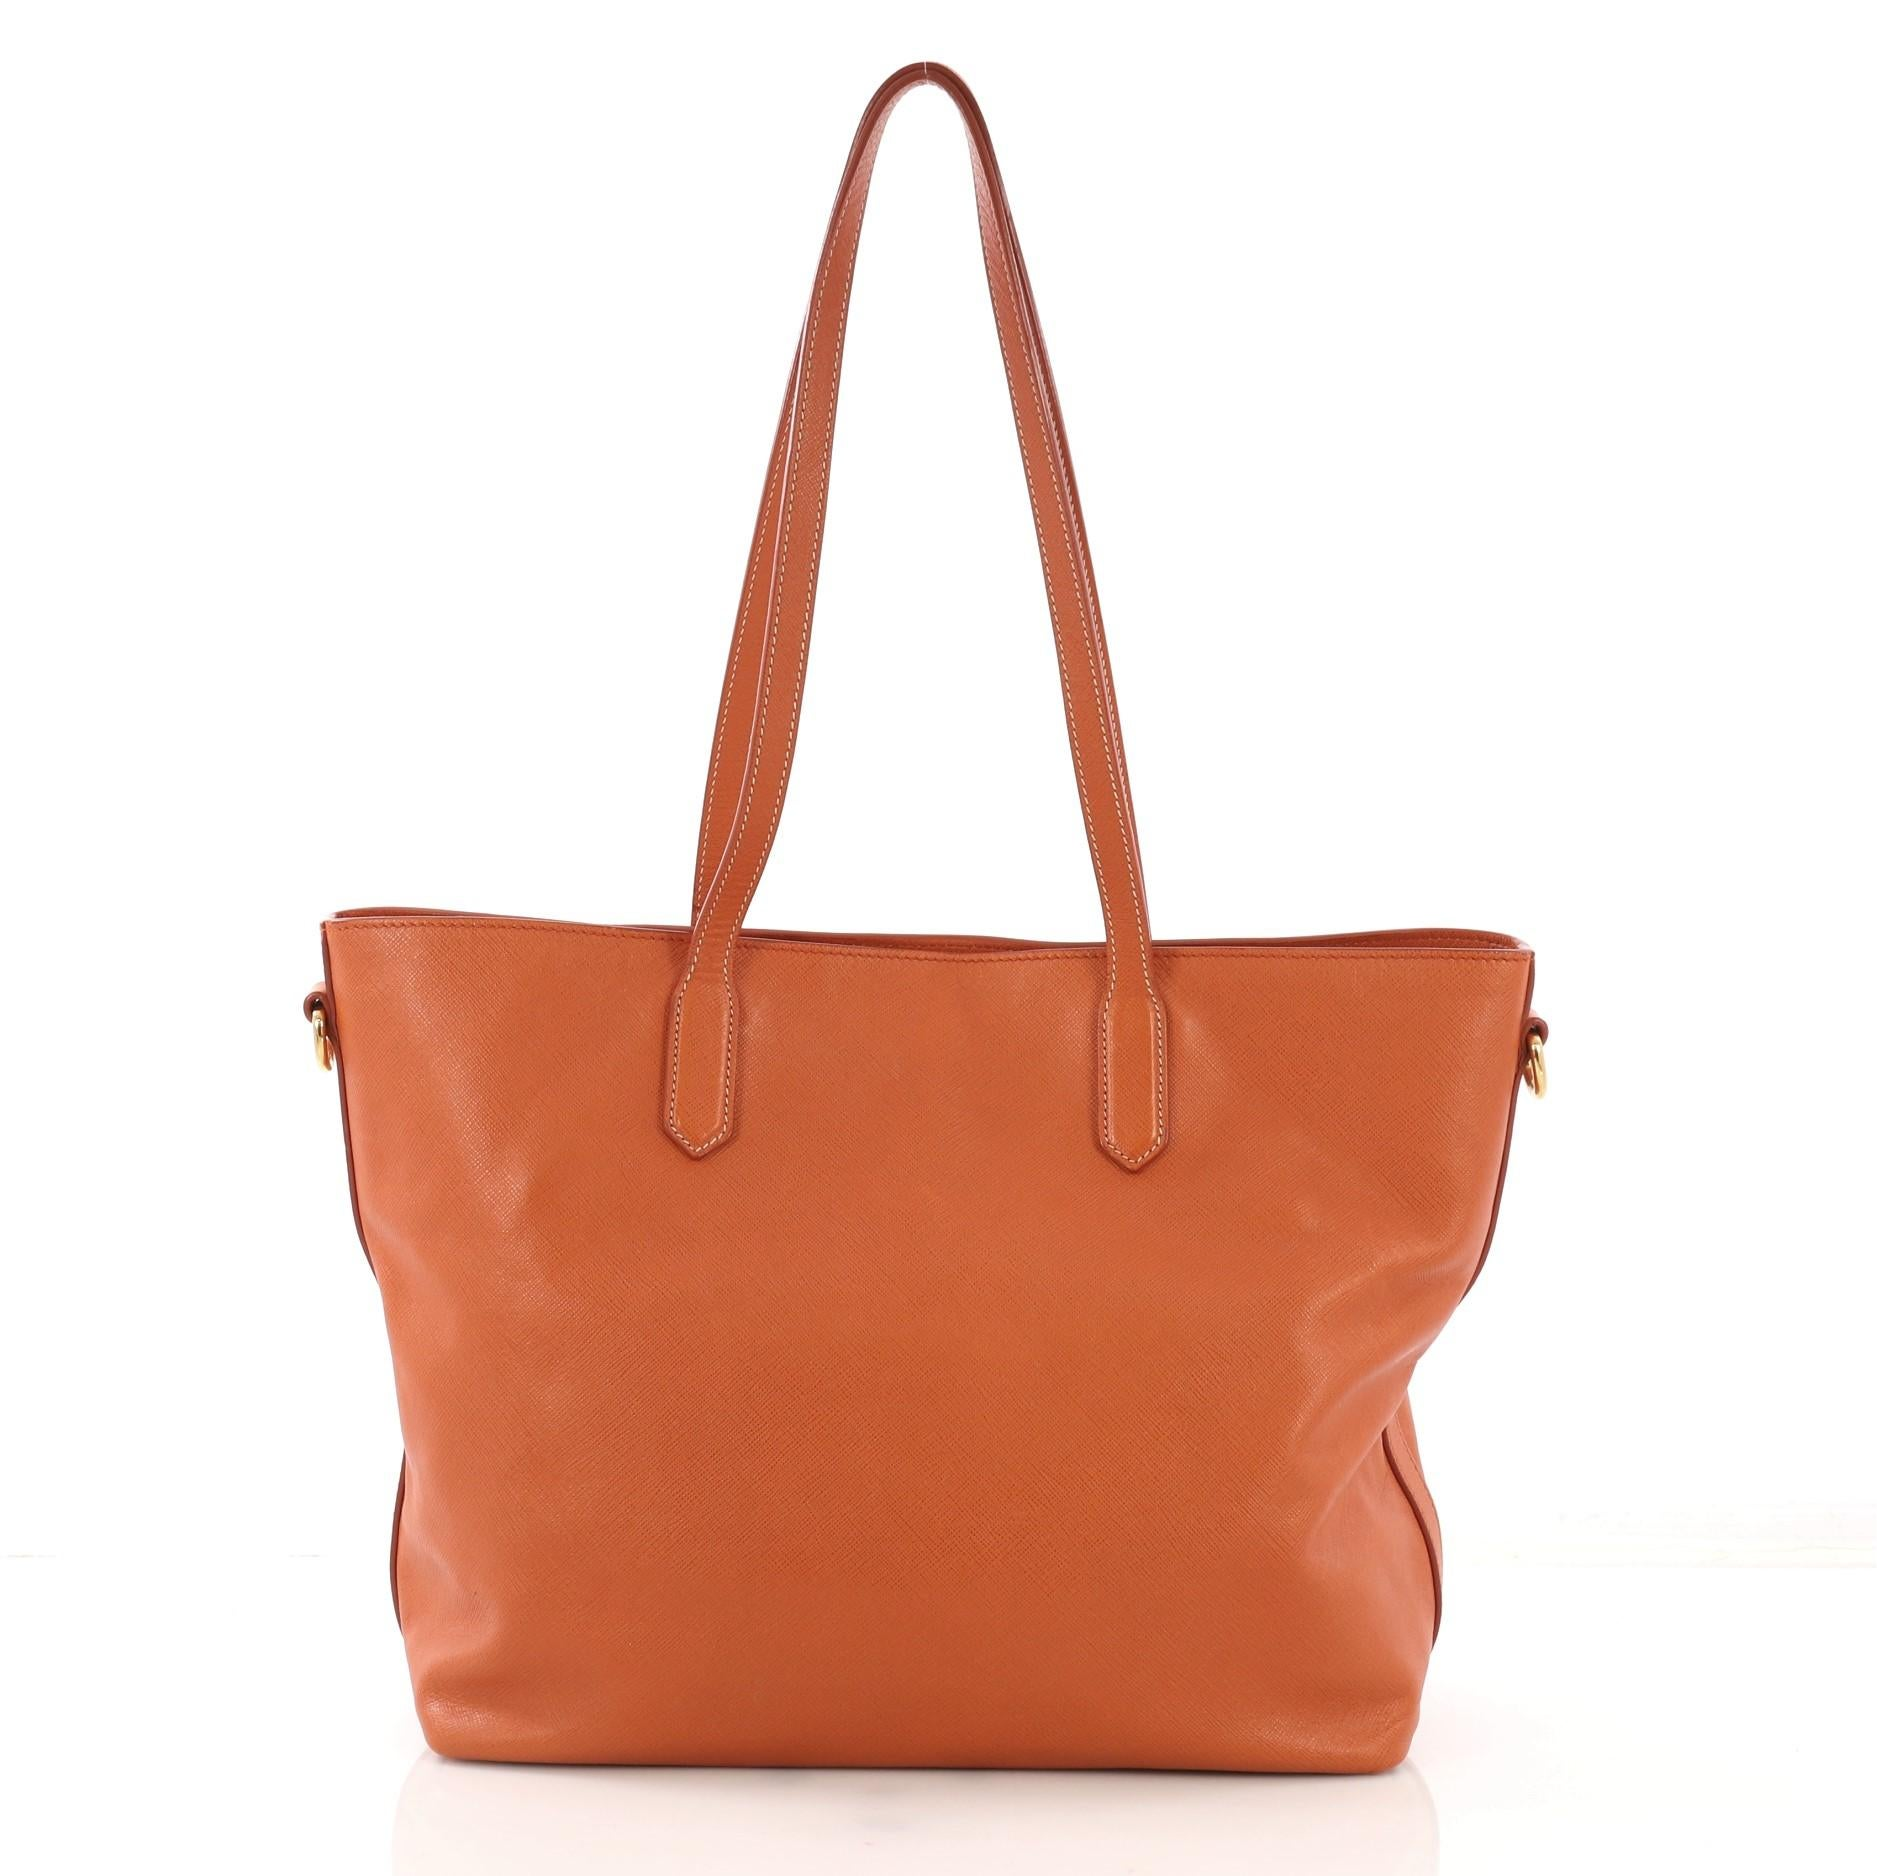 308e6943 Prada Convertible Open Tote Saffiano Leather Medium